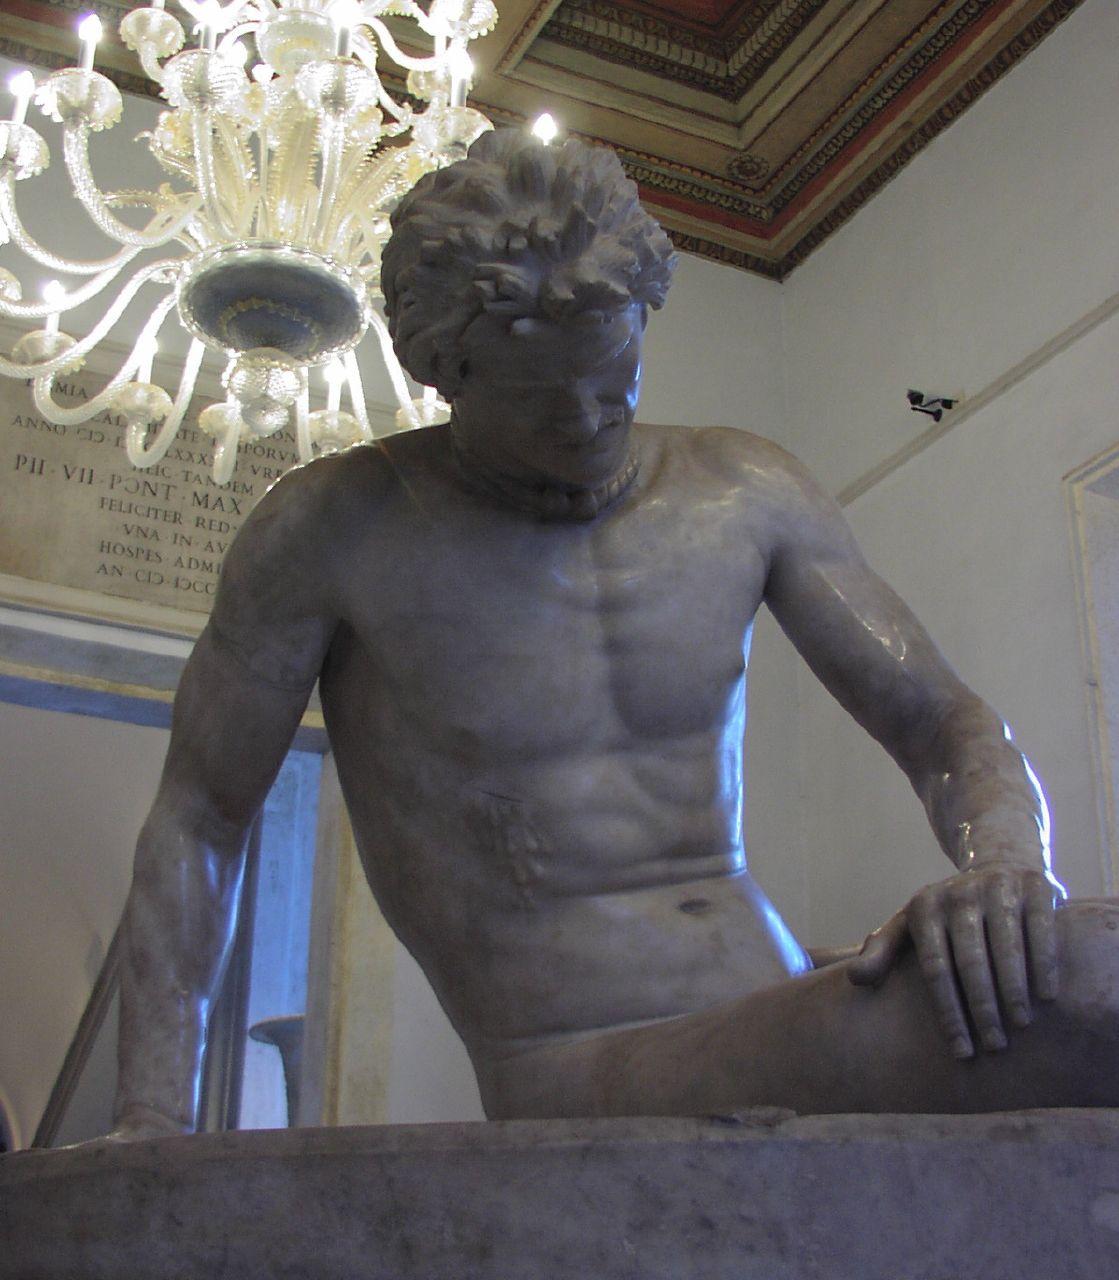 File:Roma-musei capitolini-galata morente.jpg - Wikimedia ...